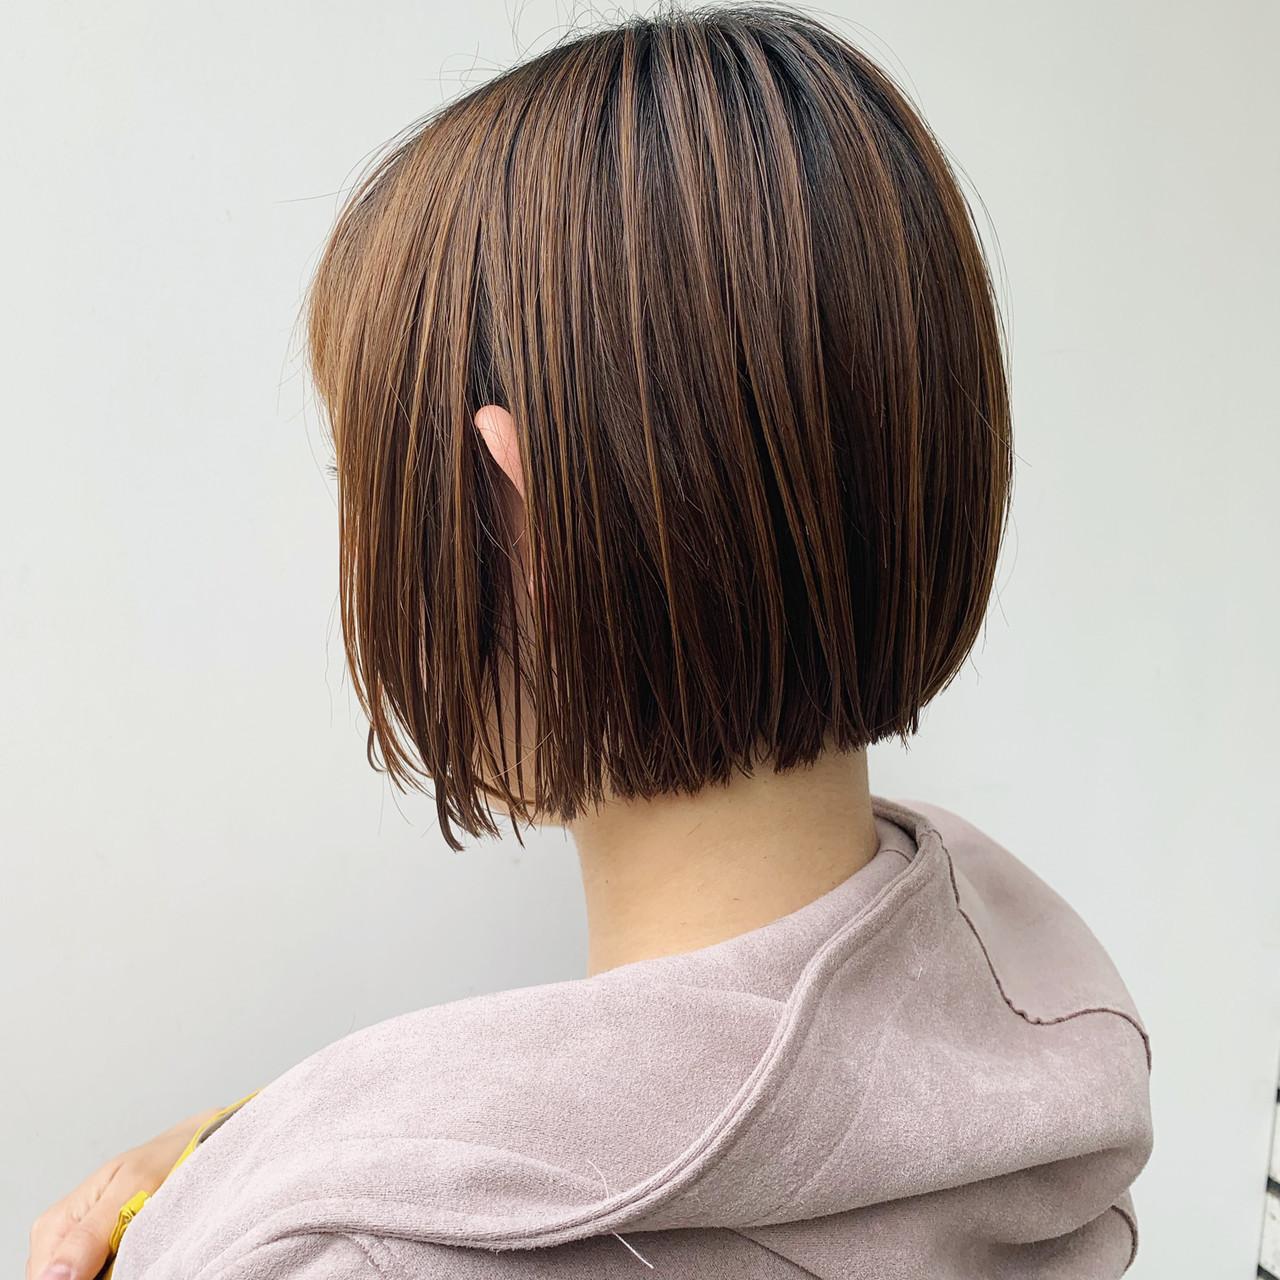 ざっくりでこなれ感 切りっぱなしボブの簡単セット方法まとめ Hair 美髪 ボブ 女の子 髪の毛セット